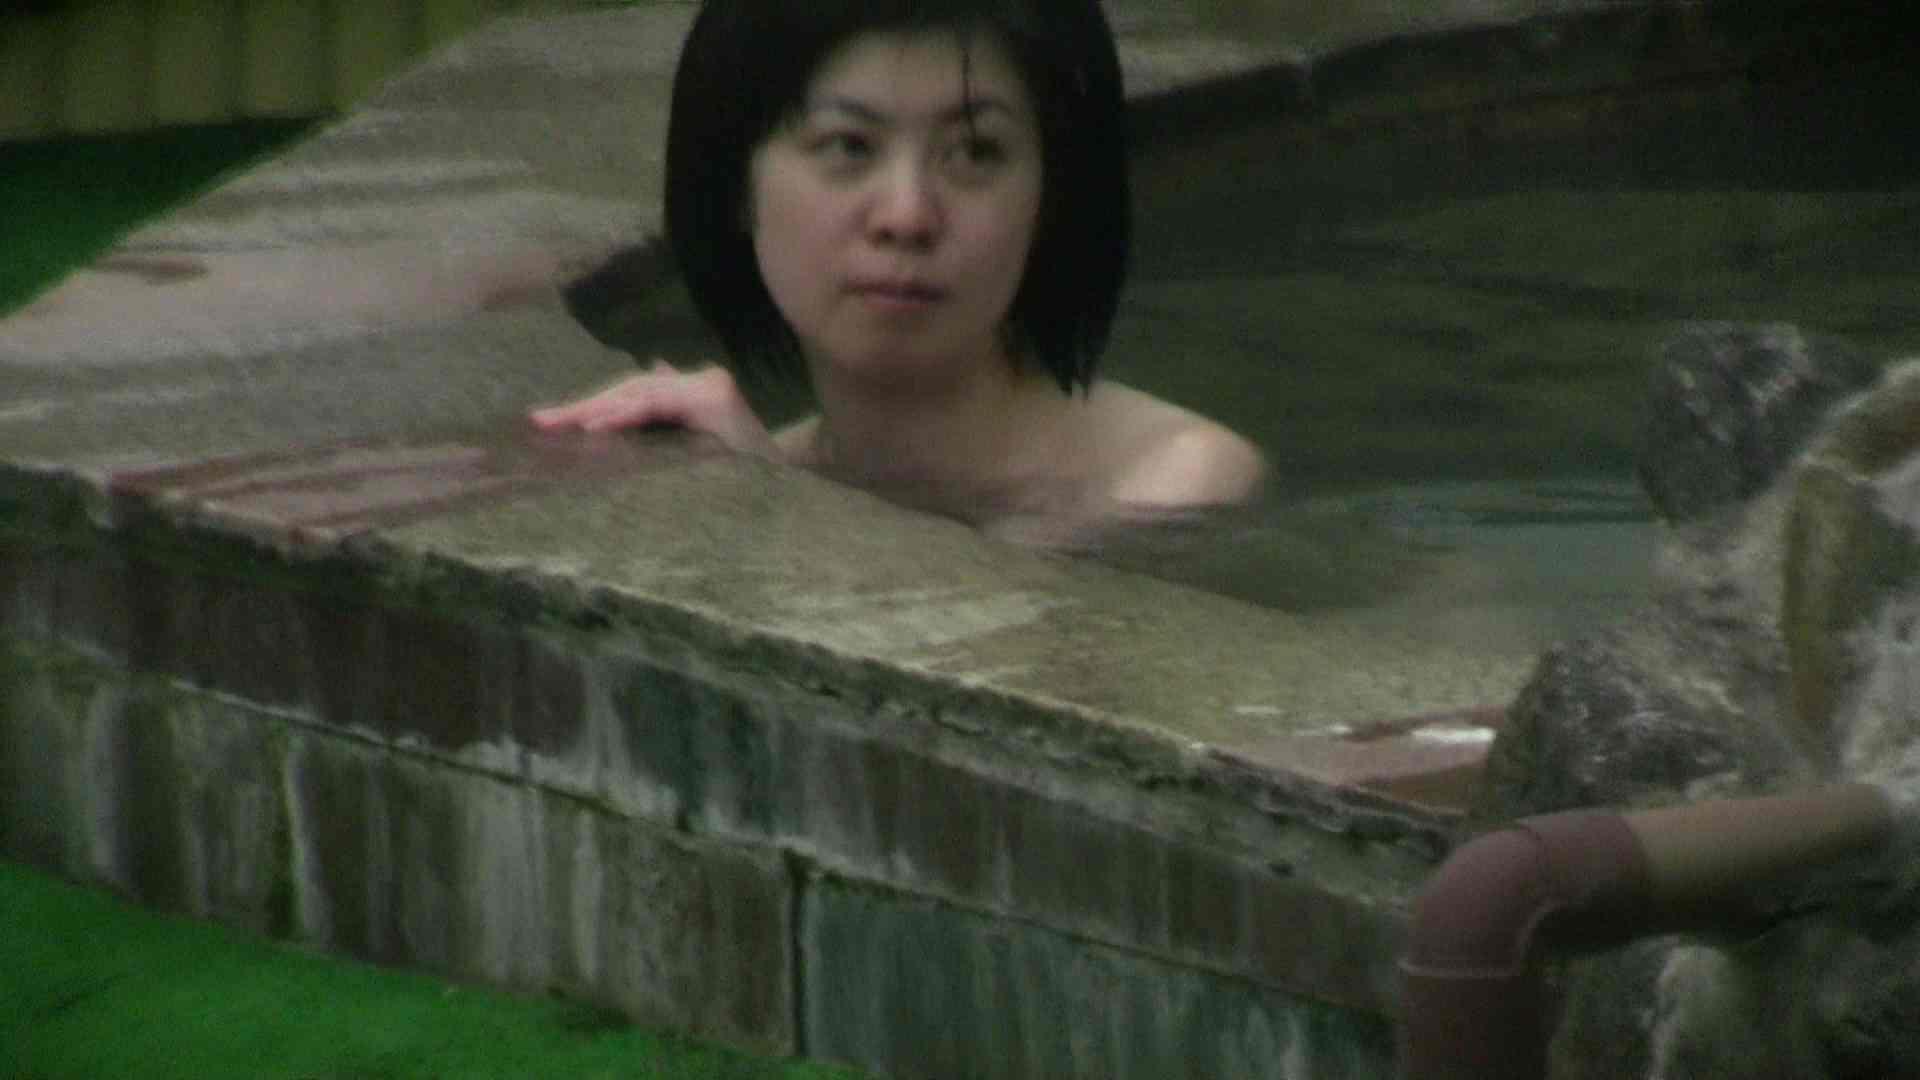 Aquaな露天風呂Vol.685 美しいOLの裸体 スケベ動画紹介 88pic 32